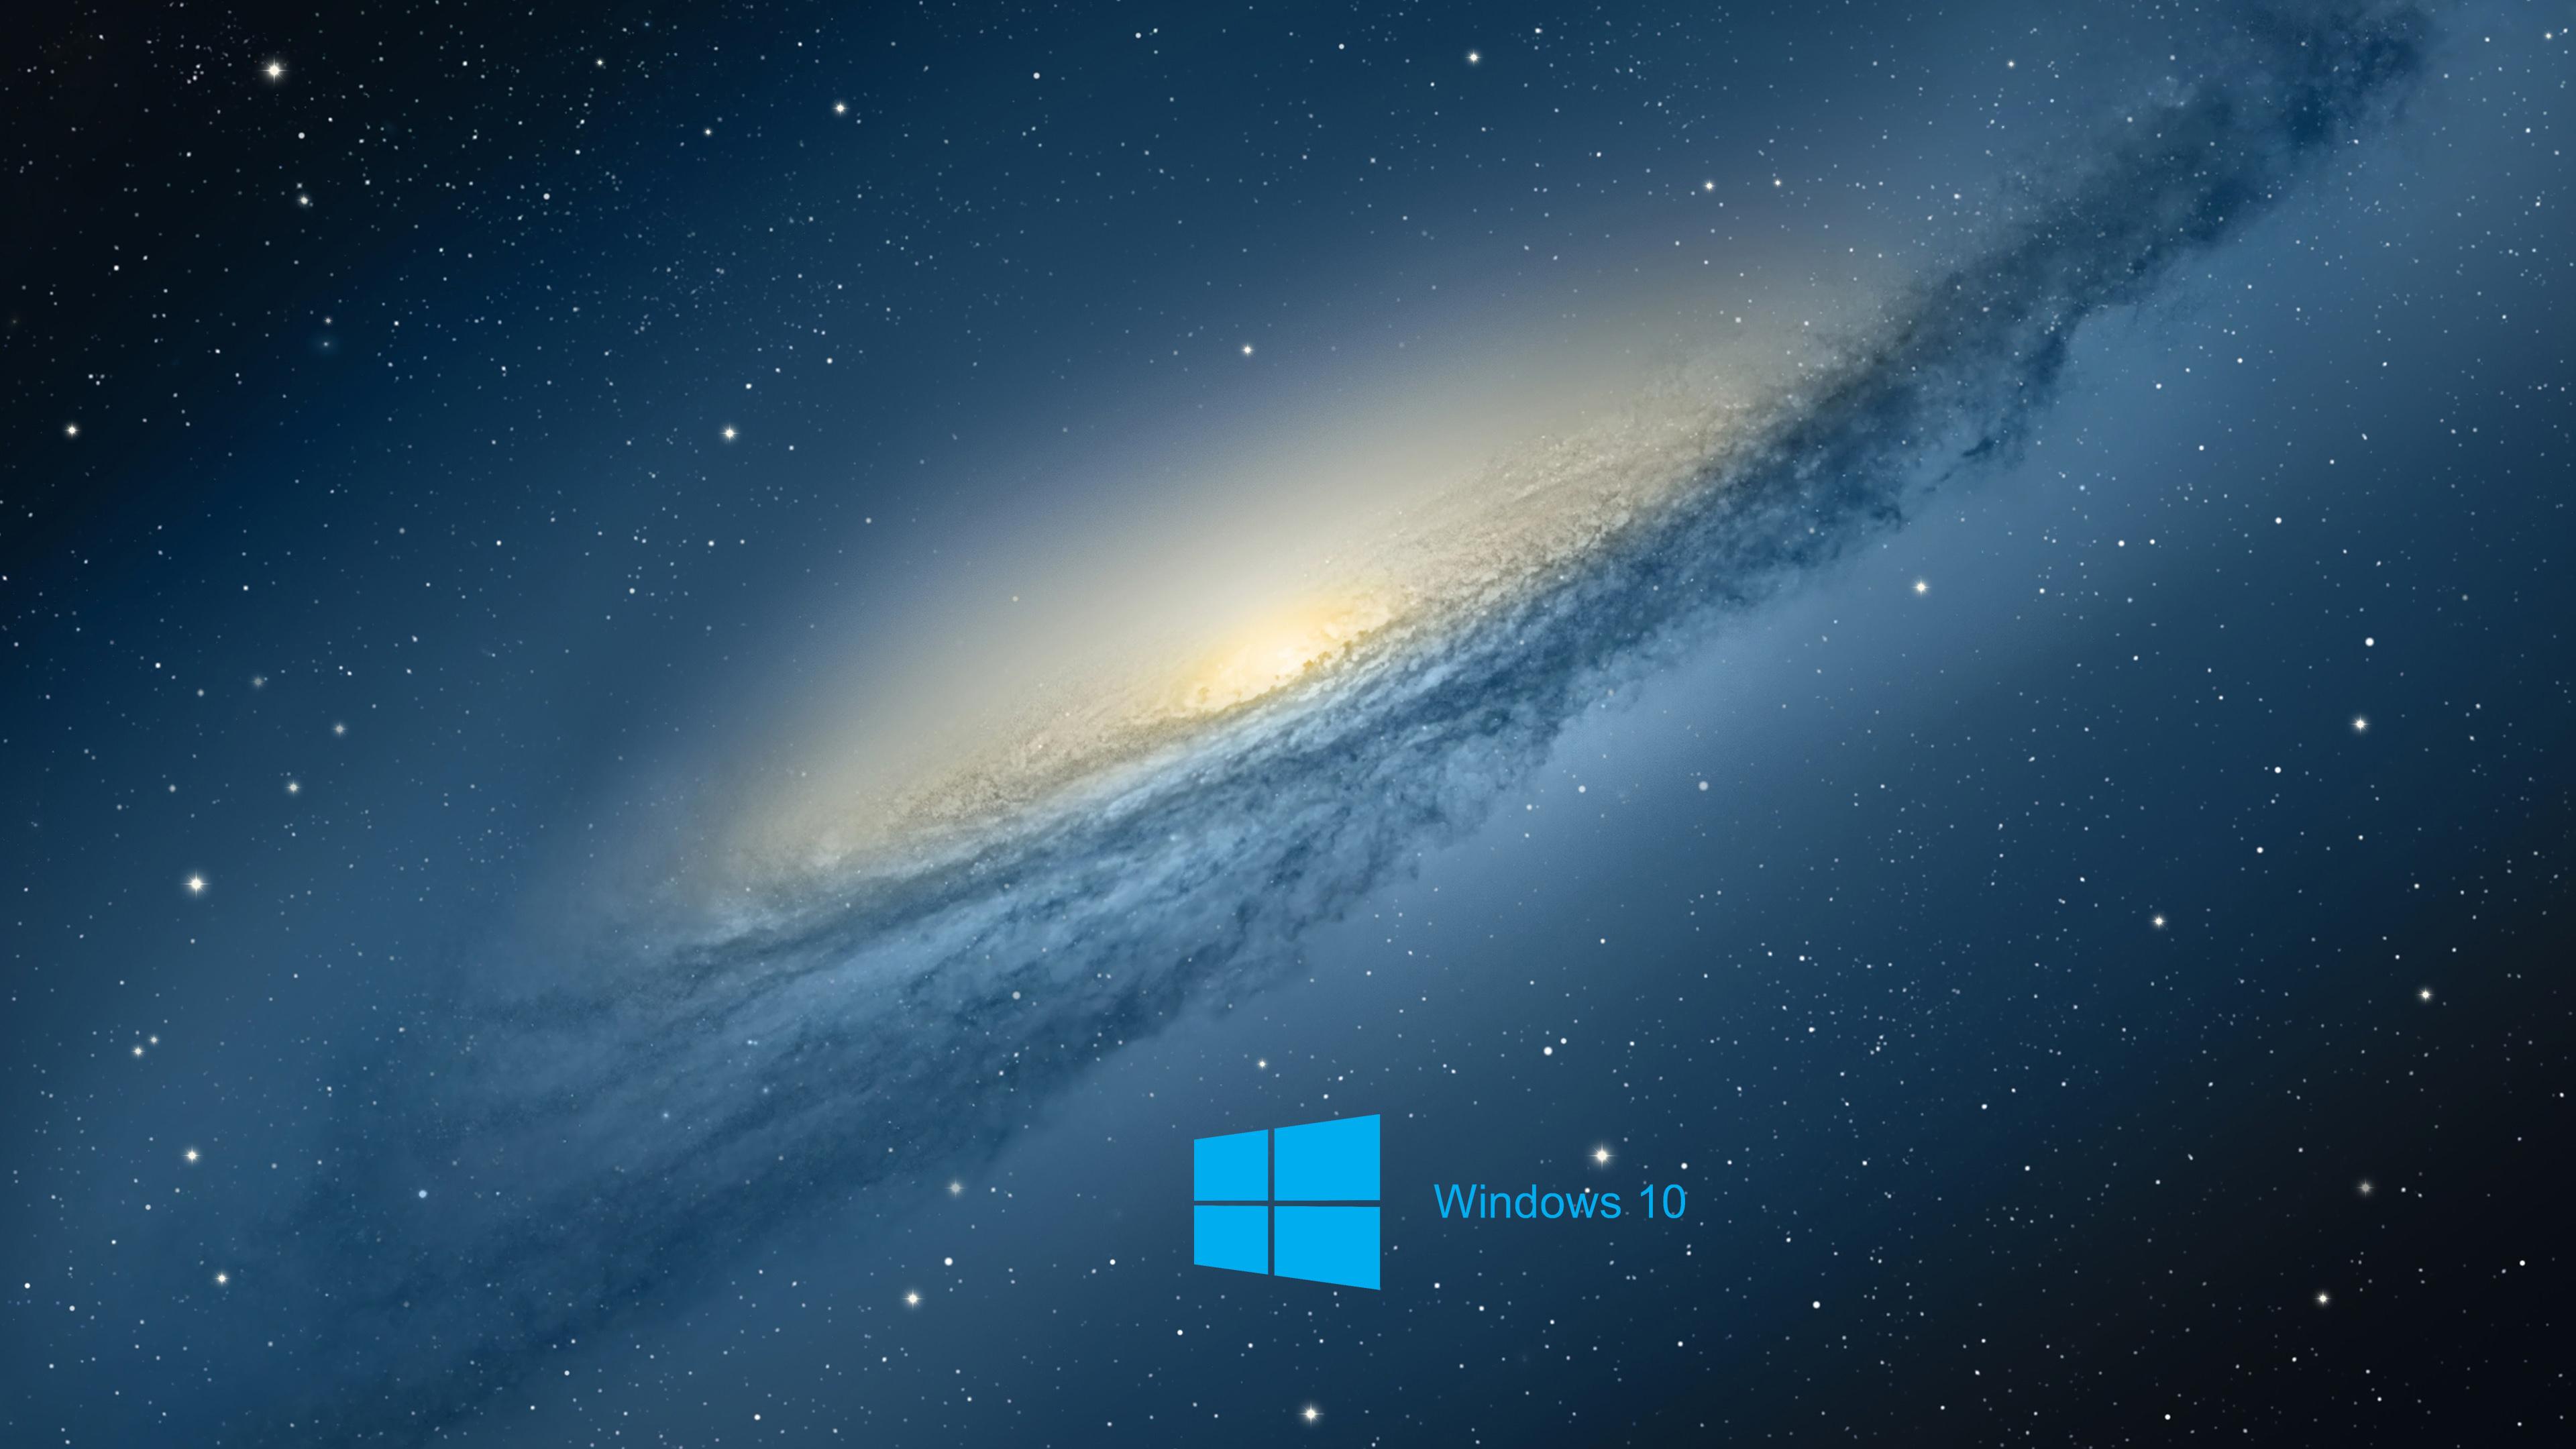 Sfondi windows 10 spazio sfondi hd gratis for Sfondi spazio